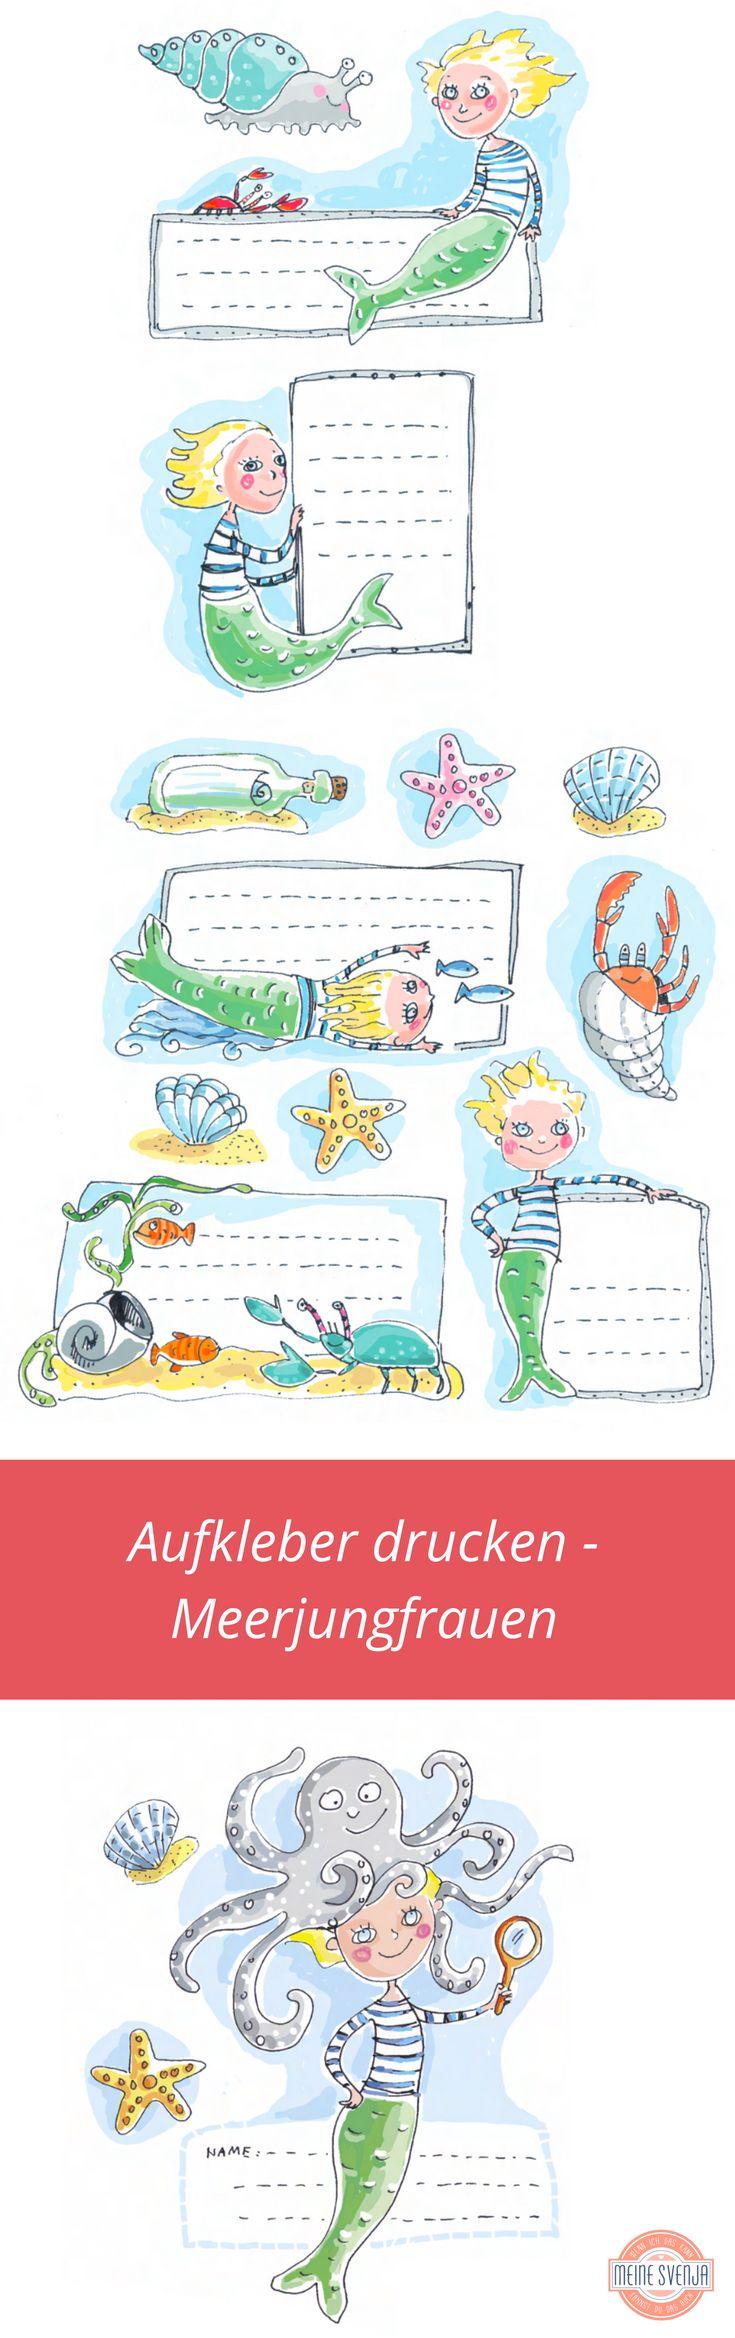 Meerjungfrau Zeichnung Aufkleber drucken als kostenloser Download Meerjungfrauen und Unterwasserwelt als Heftetiketten nutzen